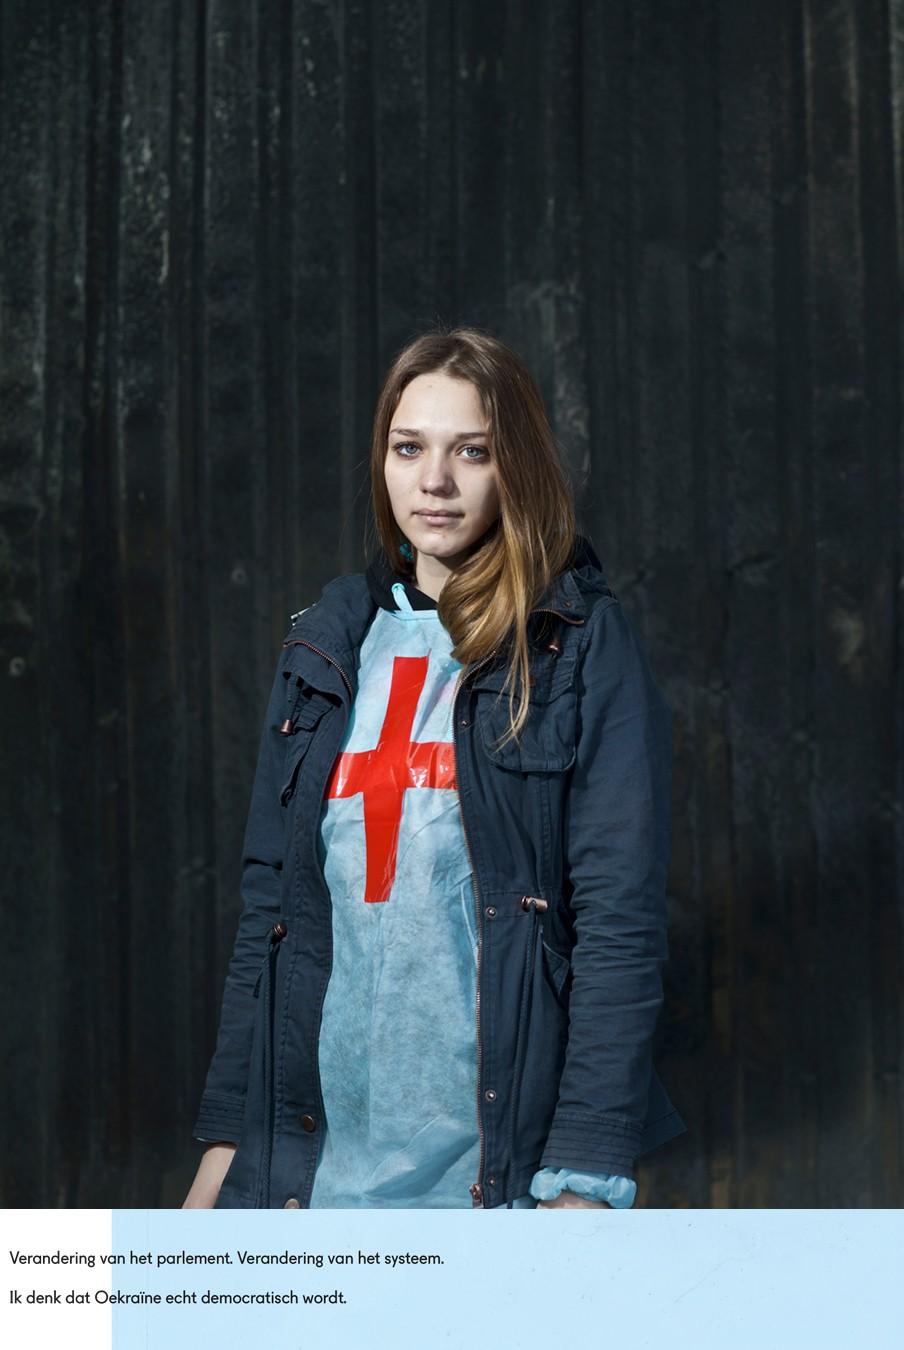 Olenka. Kiev, februari 2014. En haar antwoorden op de vragen: Wat zou je willen dat er nu gebeurt? Wat denk je dat er gaat gebeuren? Foto: Emeric Lhuisset